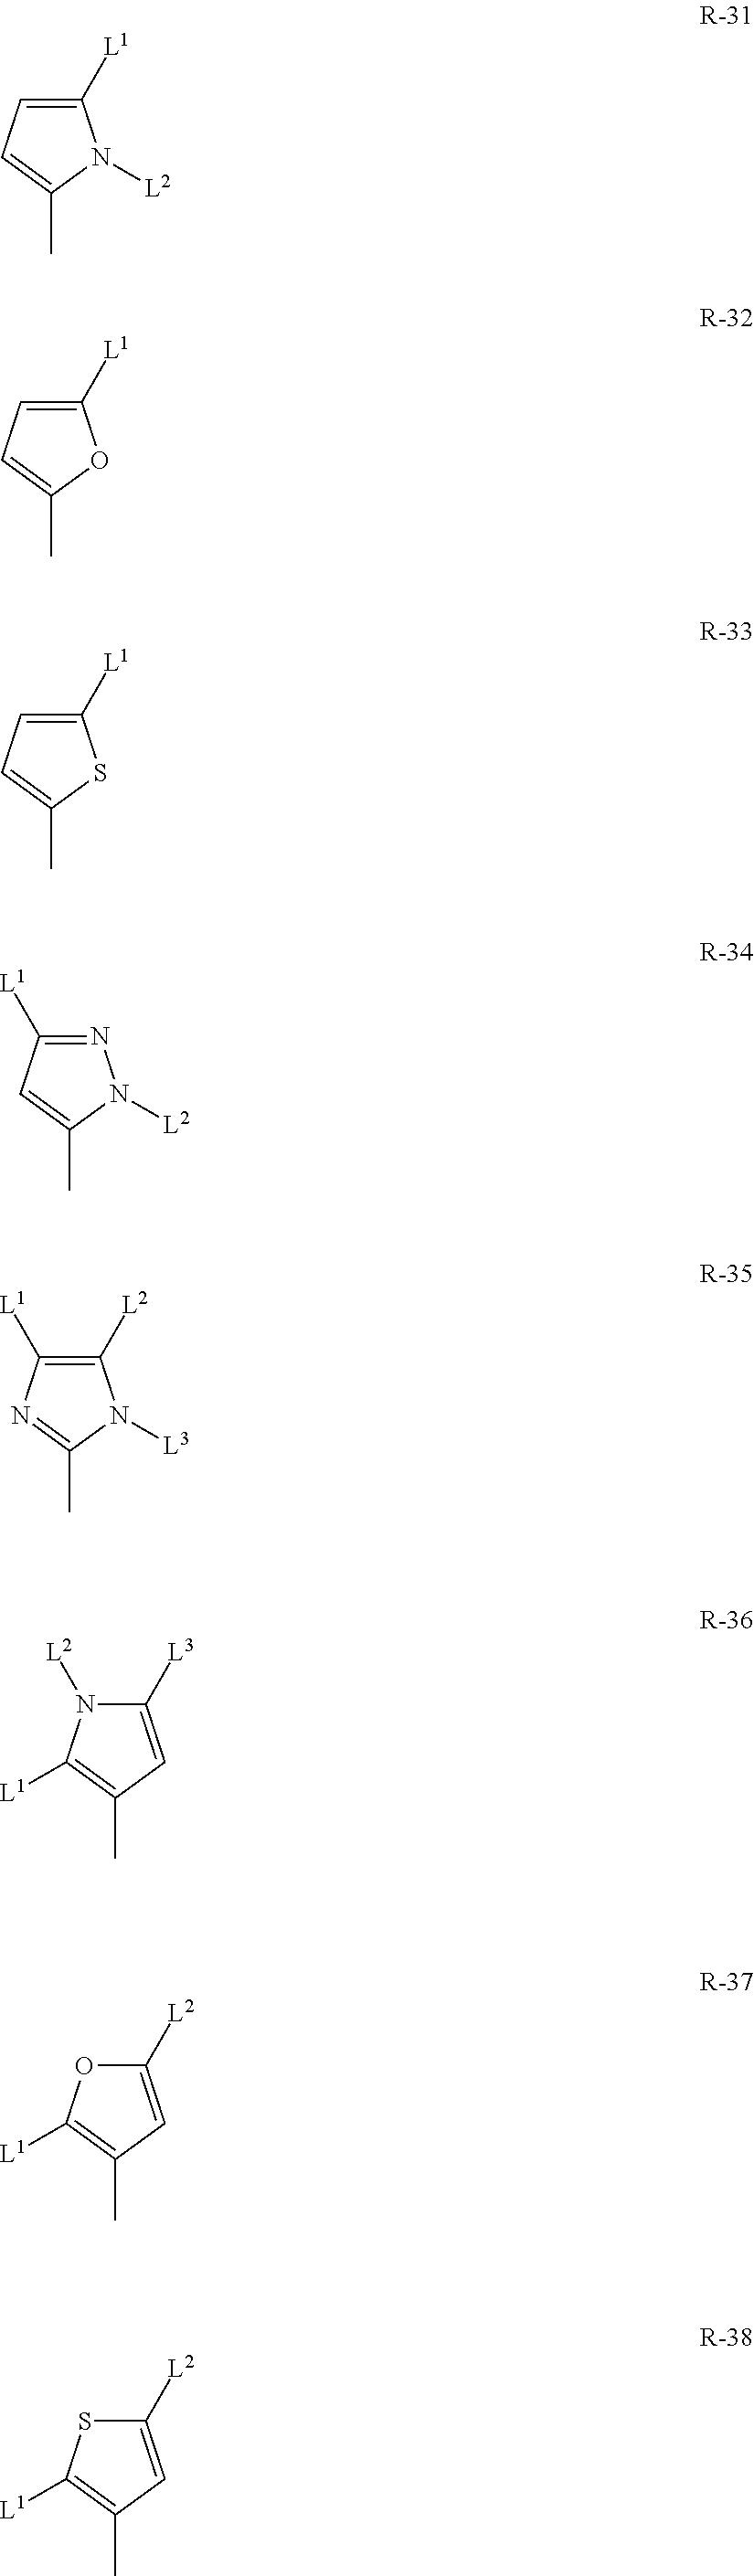 Figure US20110215312A1-20110908-C00022